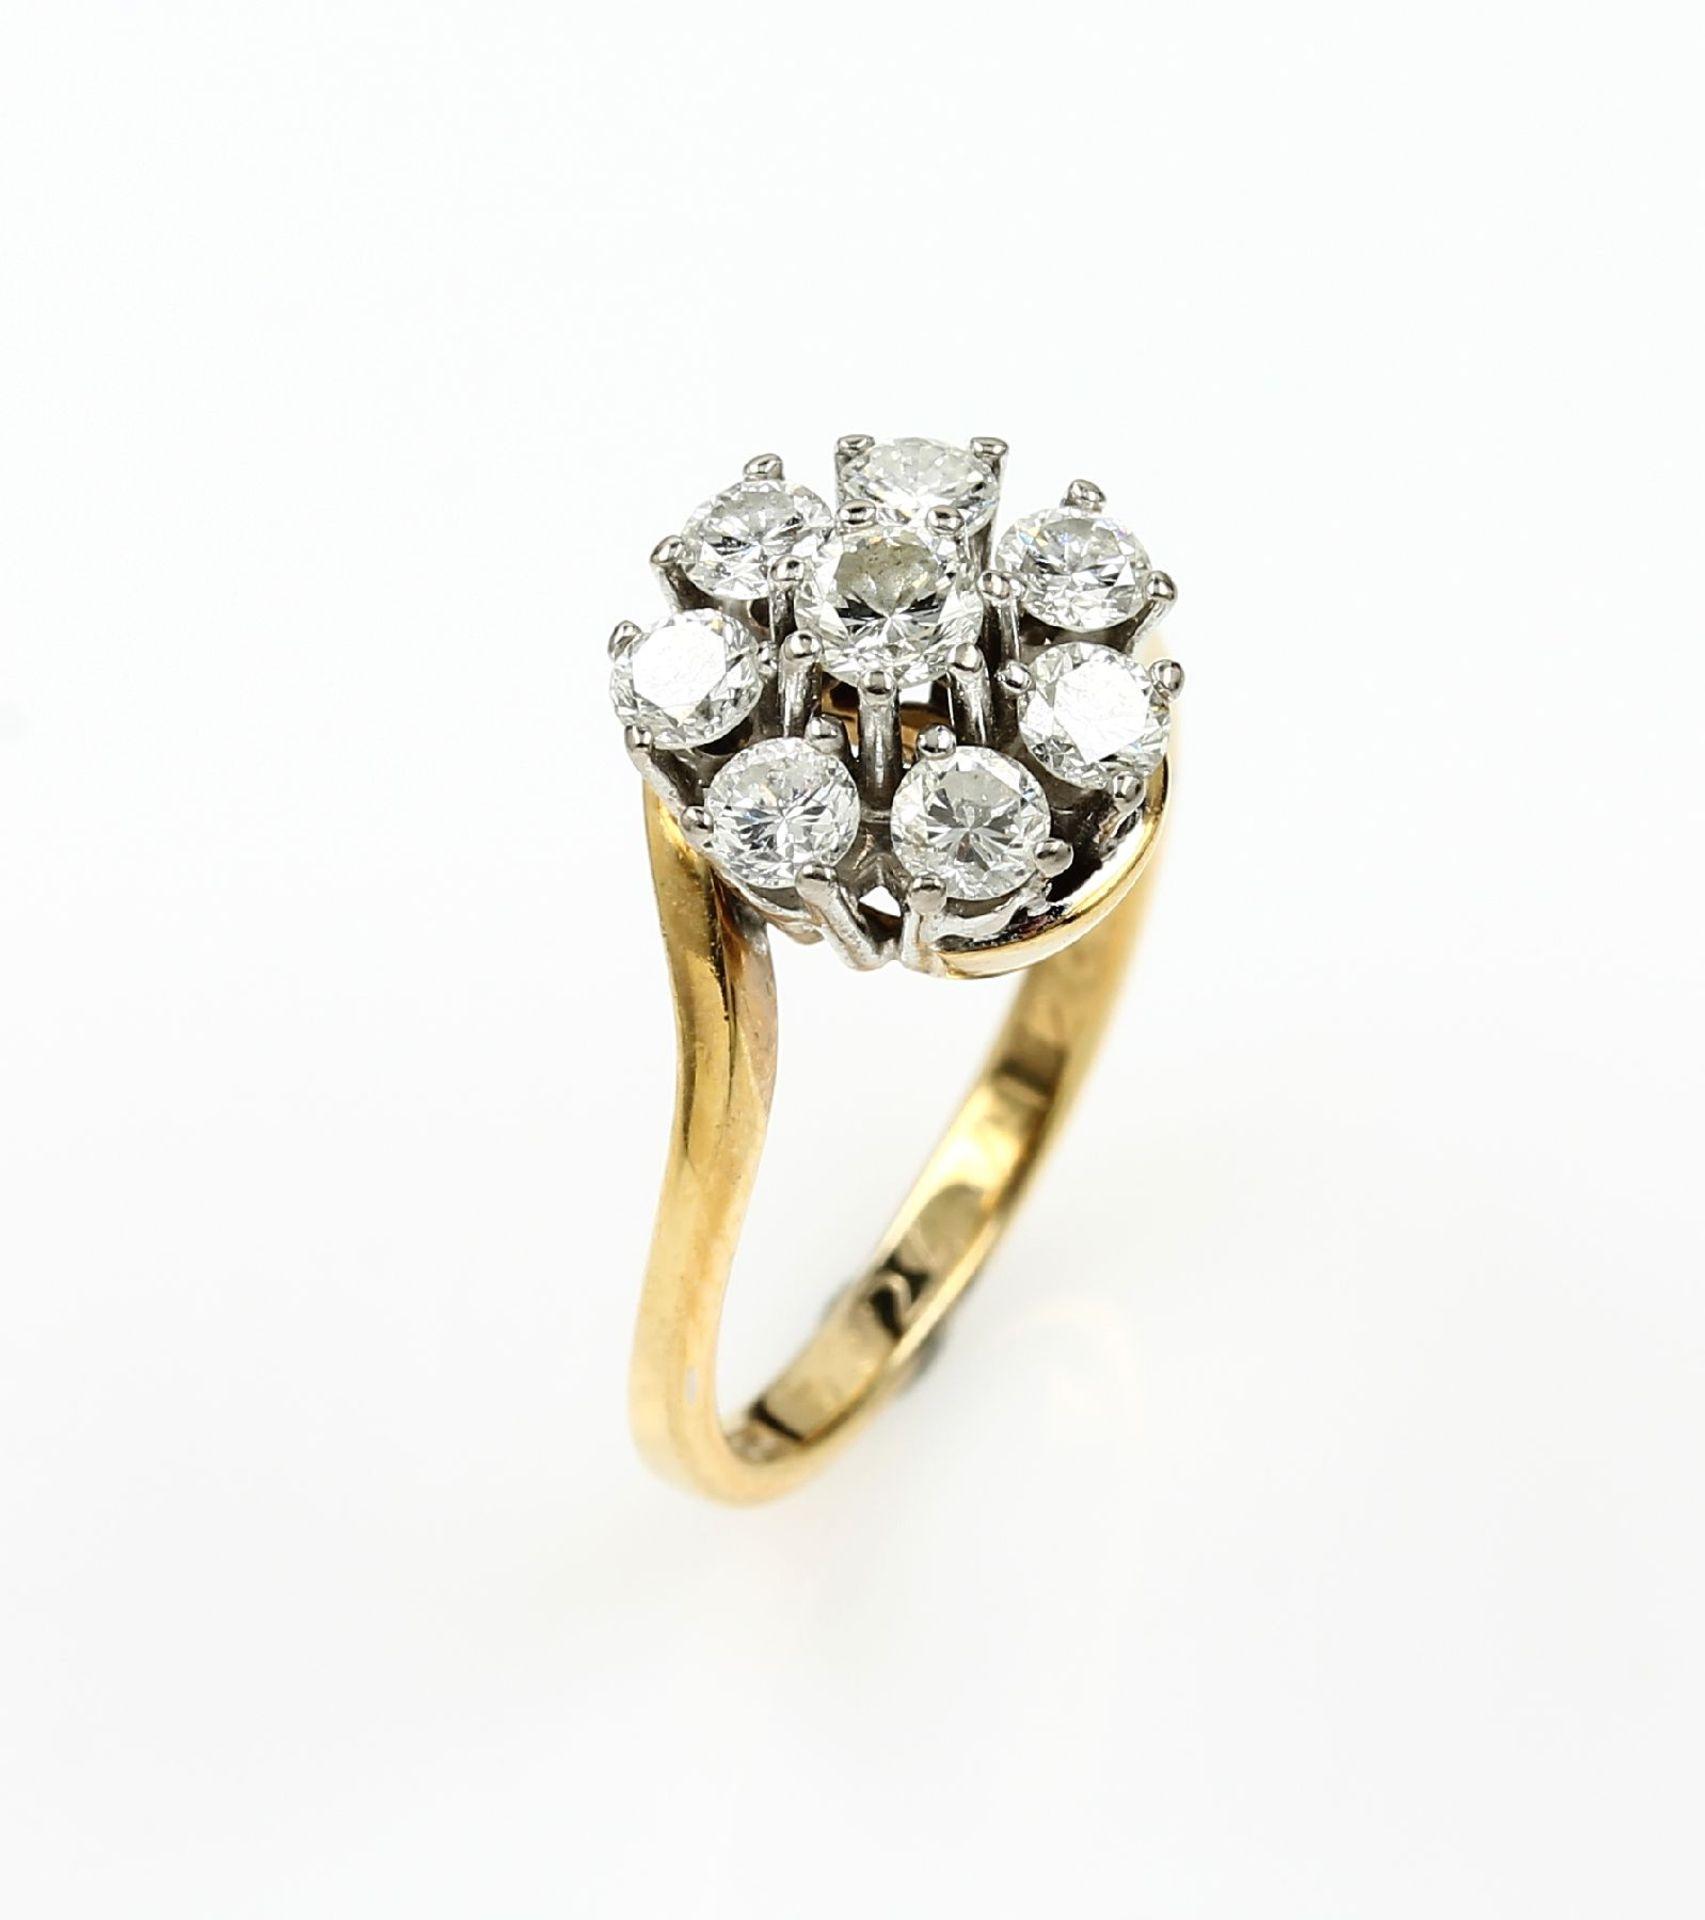 14 kt Gold Ring mit Brillanten, GG/WG 585/000, 8 Brillanten zus. ca. 1.0 ct Weiß/si,total ca. 4.7 g,